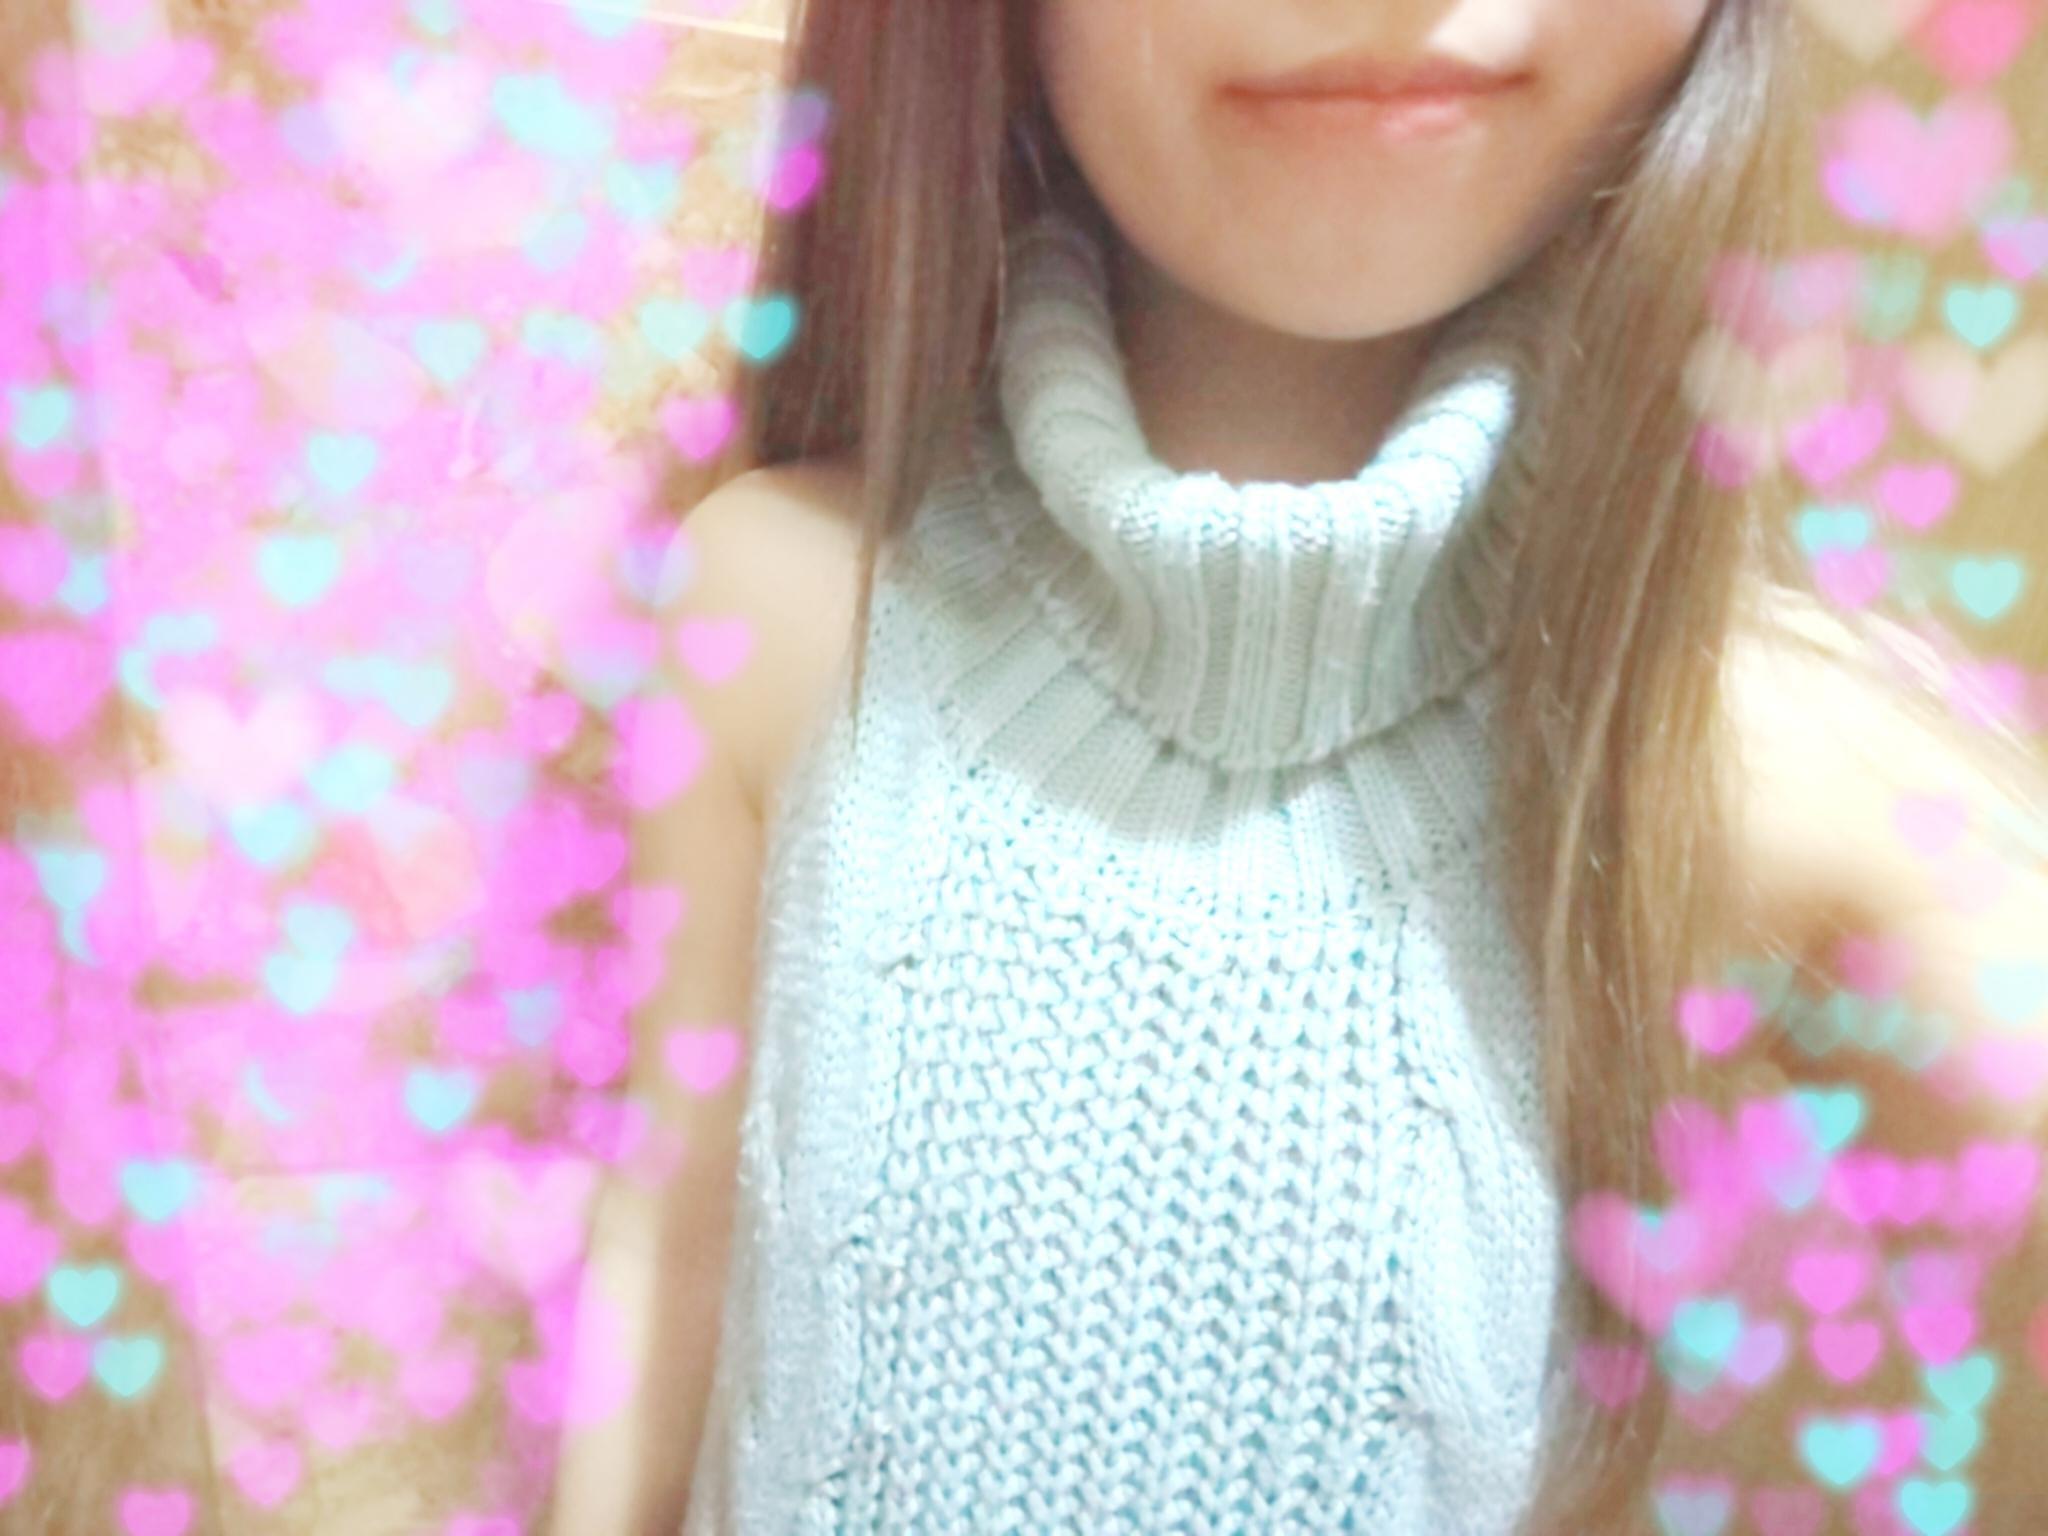 倉木「No.19  倉木」03/30(月) 16:34 | 倉木の写メ・風俗動画